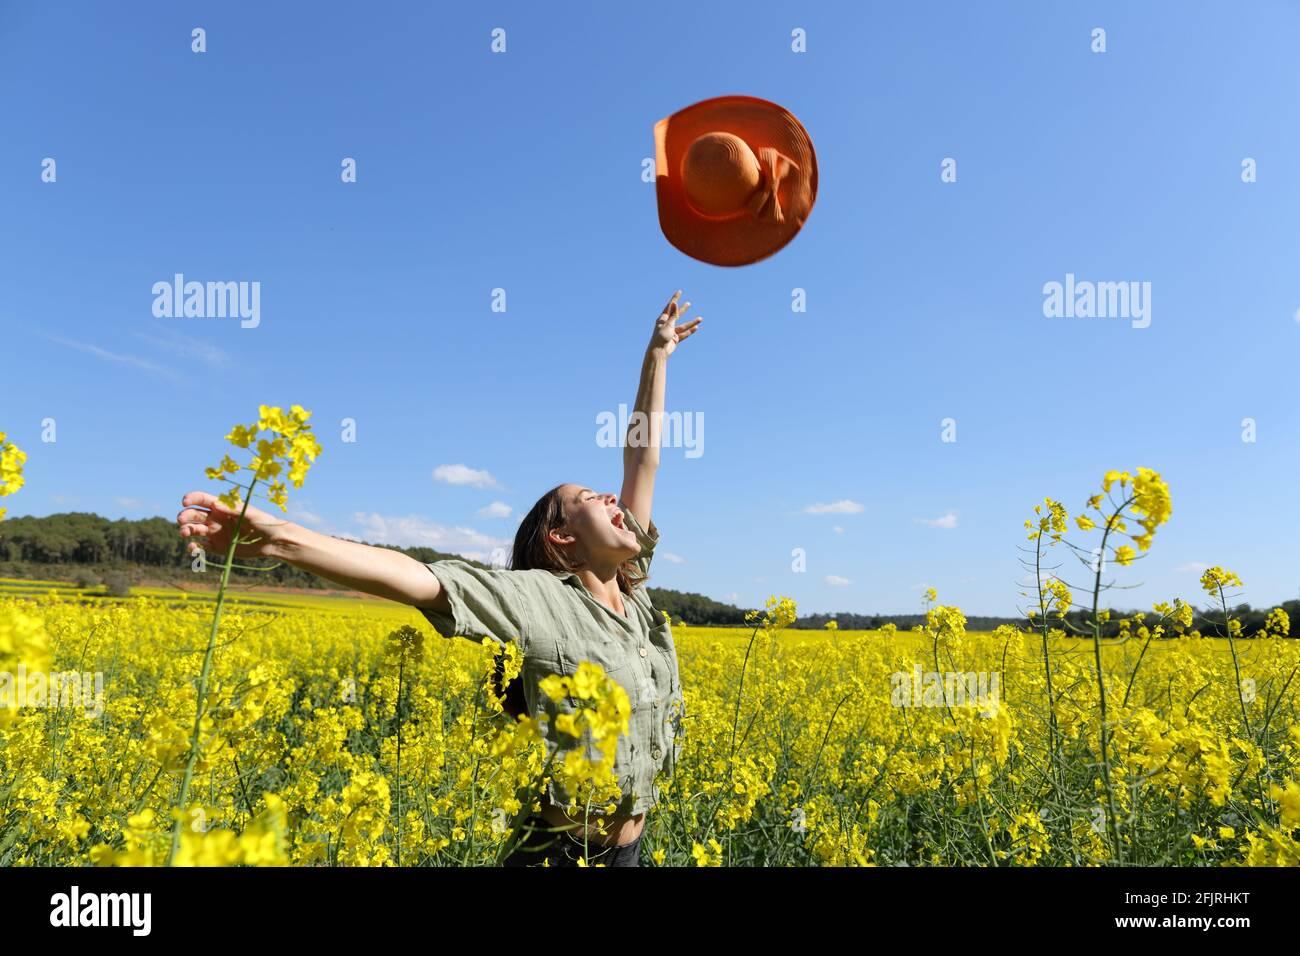 Bonne femme lançant pamela célébrant des vacances dans un jaune fleuri champ au printemps Banque D'Images